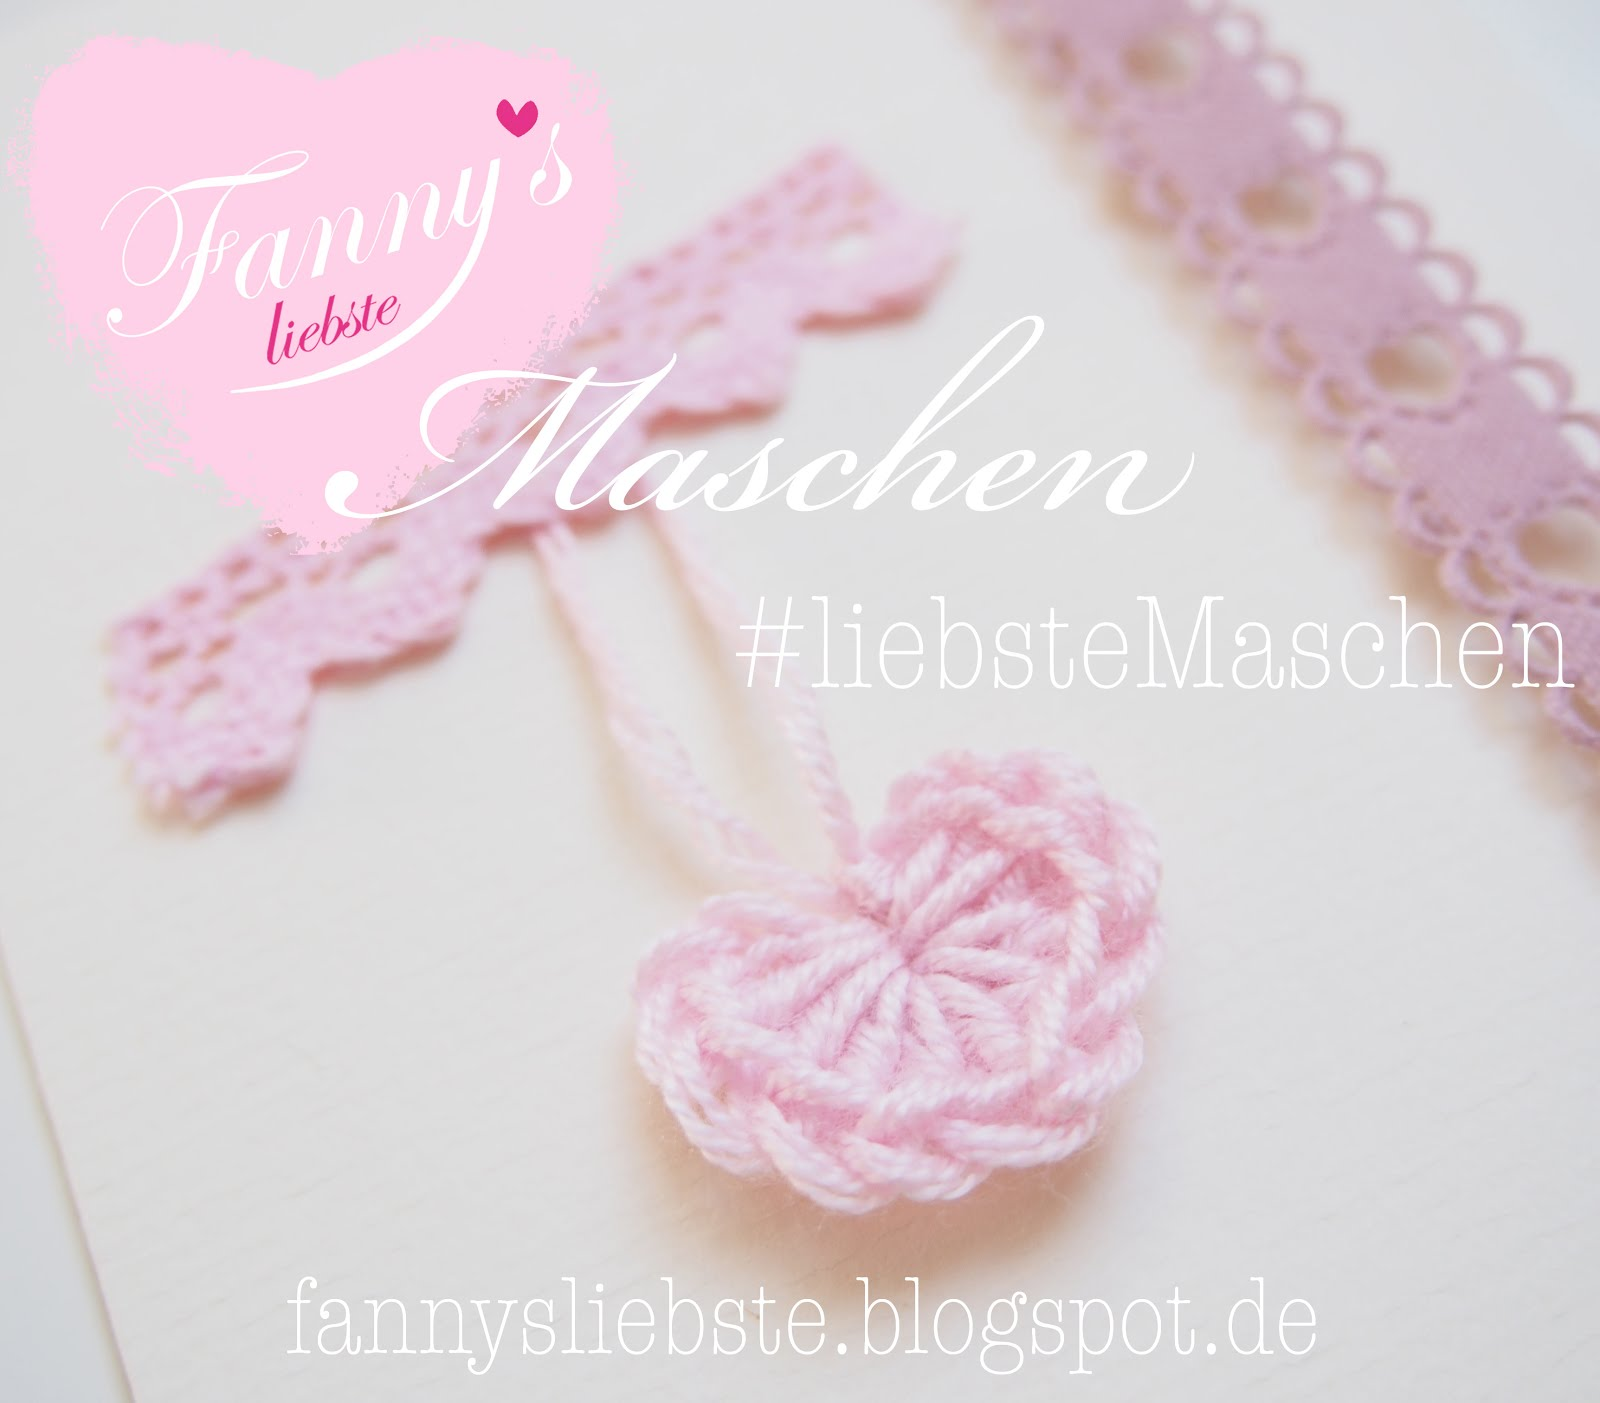 http://fannysliebste.blogspot.de/2017/06/liebste-maschen-nr-4.html